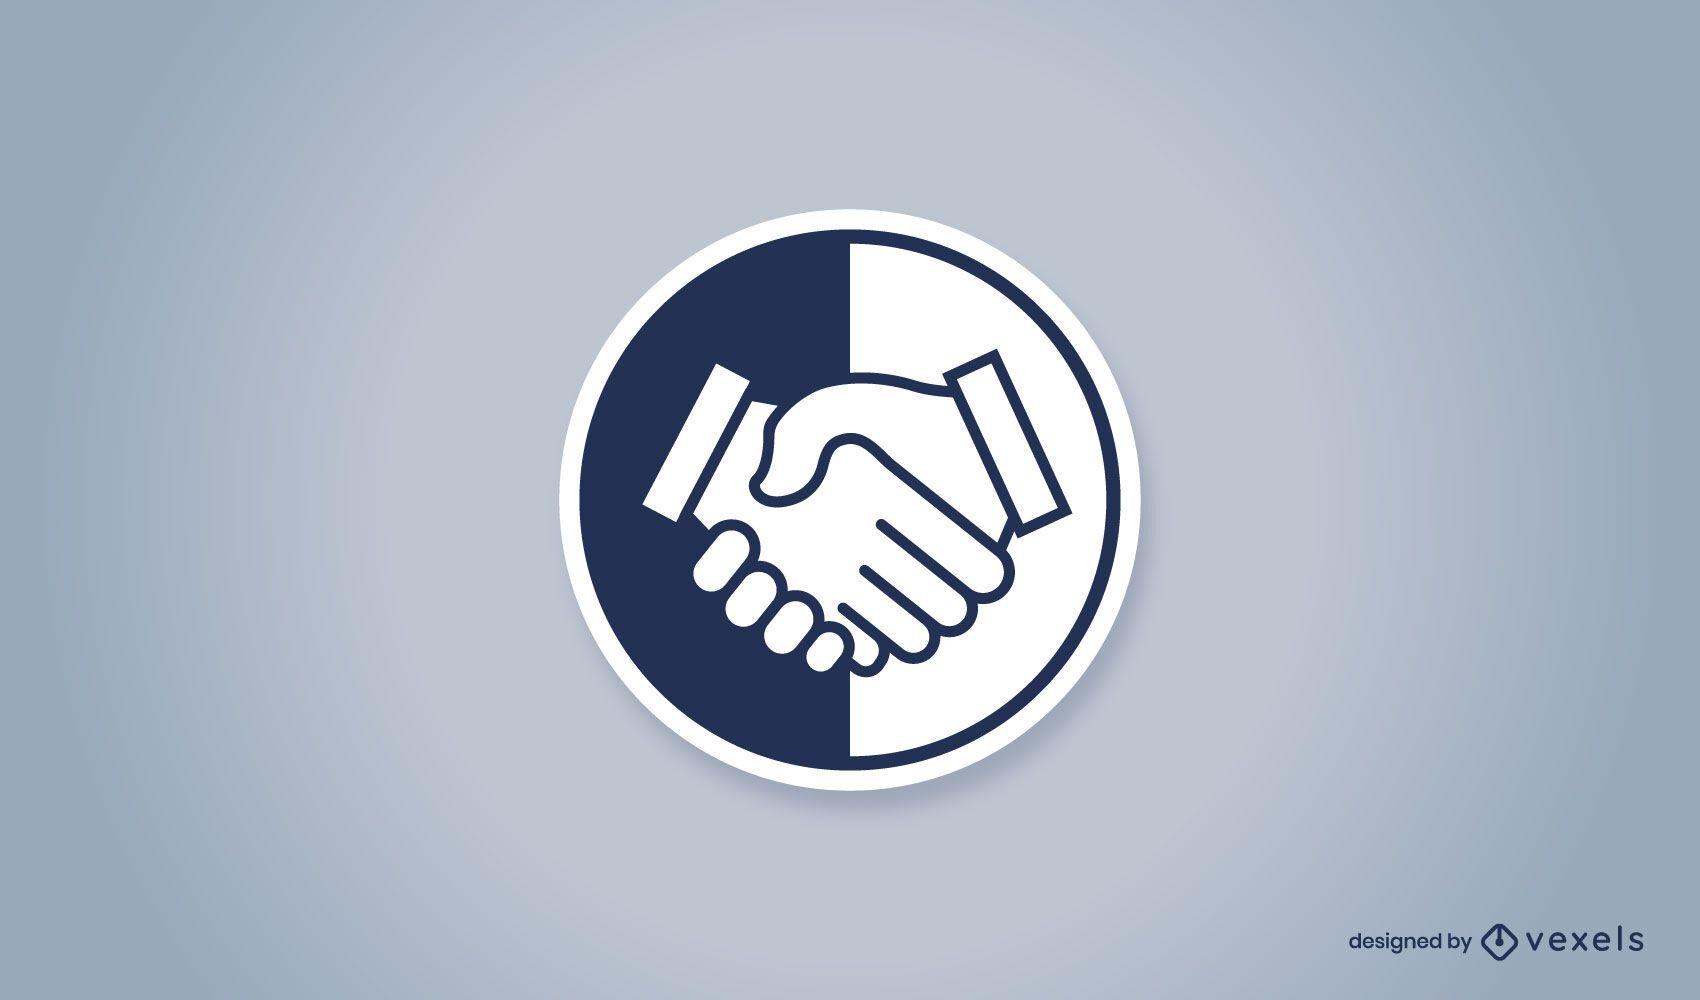 Diseño de logotipo de insignia de apretón de manos